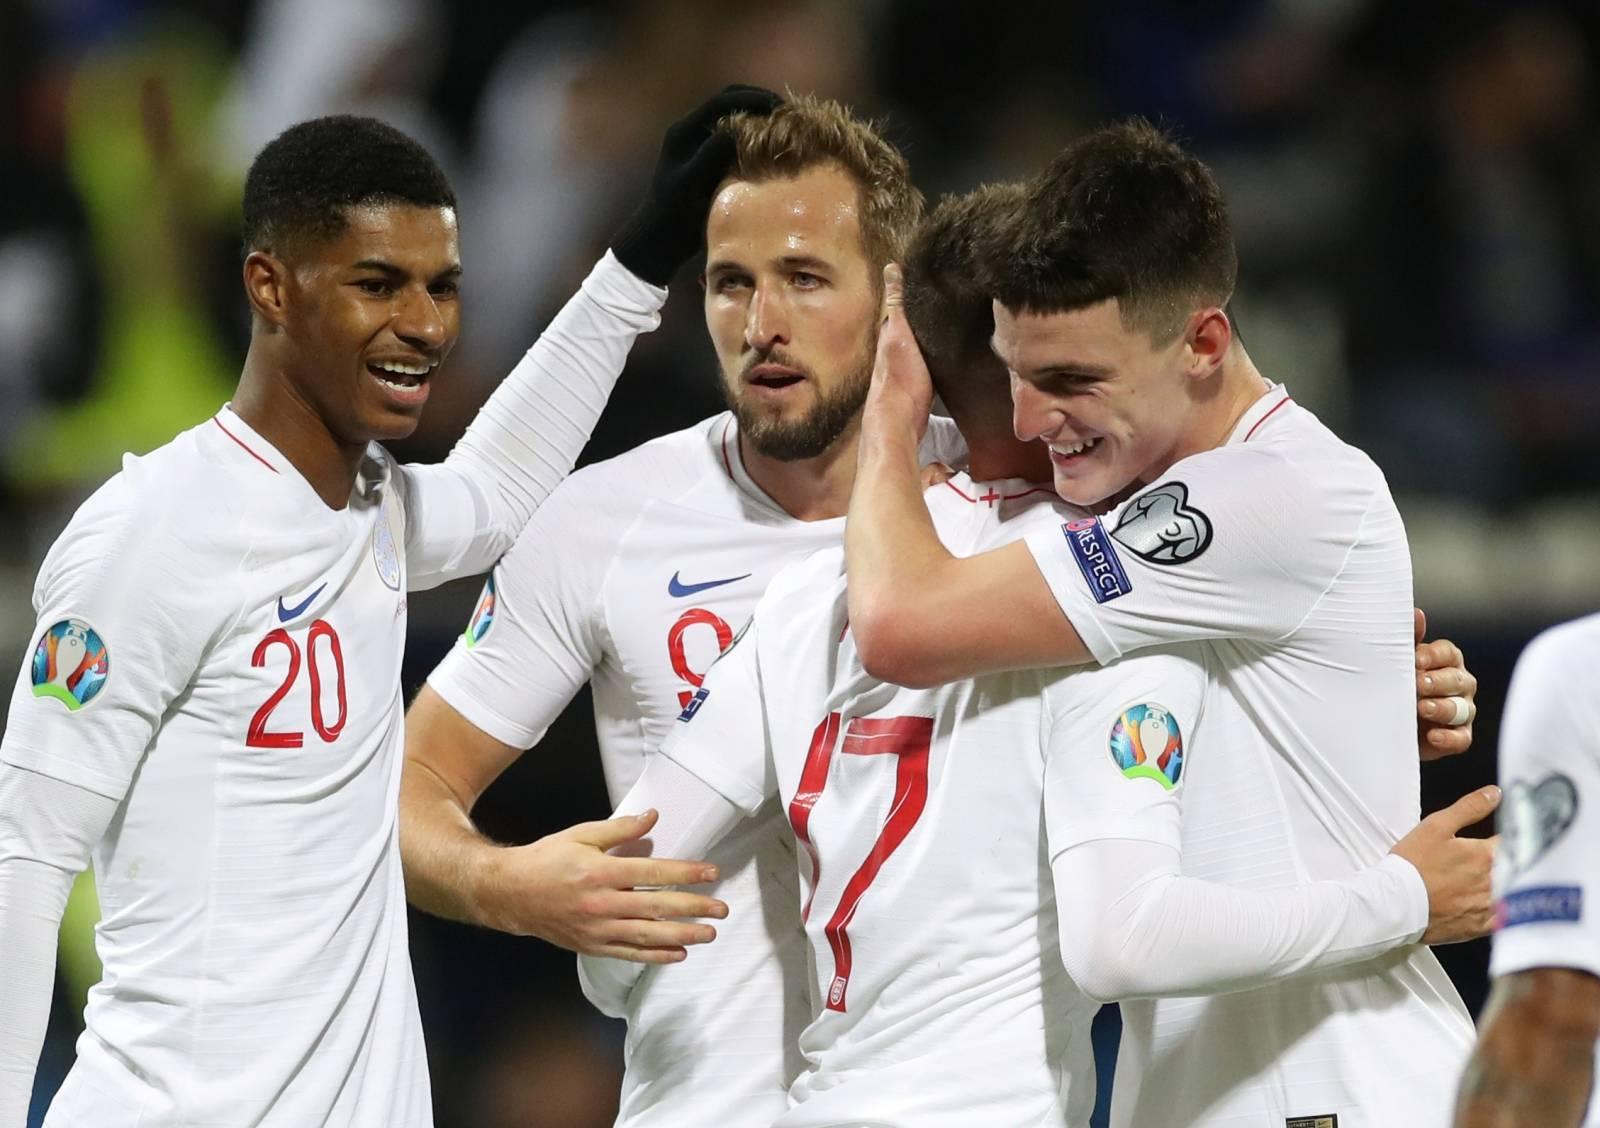 Euro 2020 Qualifier - Group A - Kosovo v England